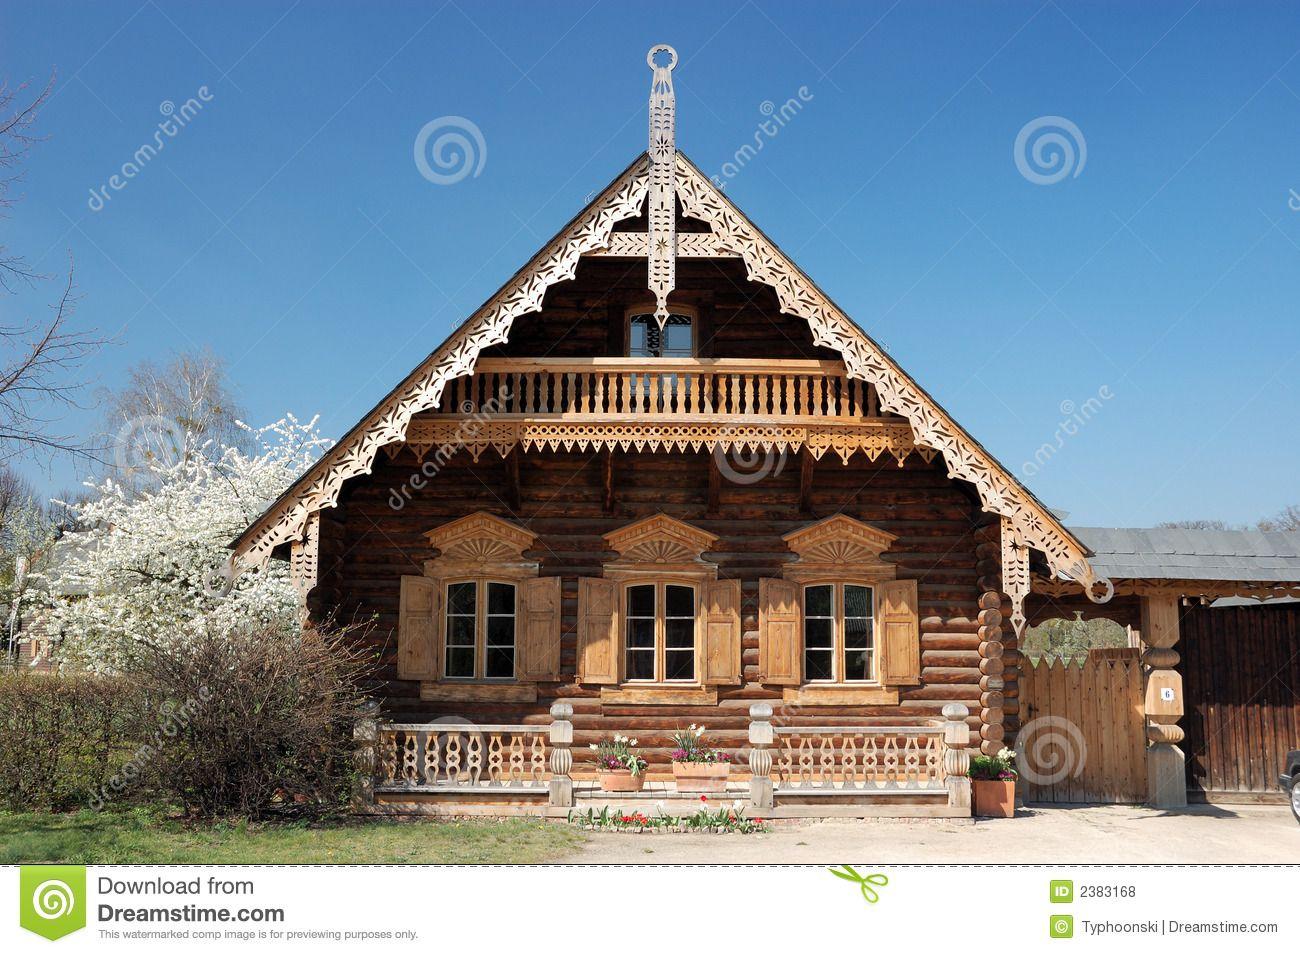 Cool Russisches Holzhaus Ideen Von Russland, Siedlung, Ich Bin Ein Berliner, Russisch,